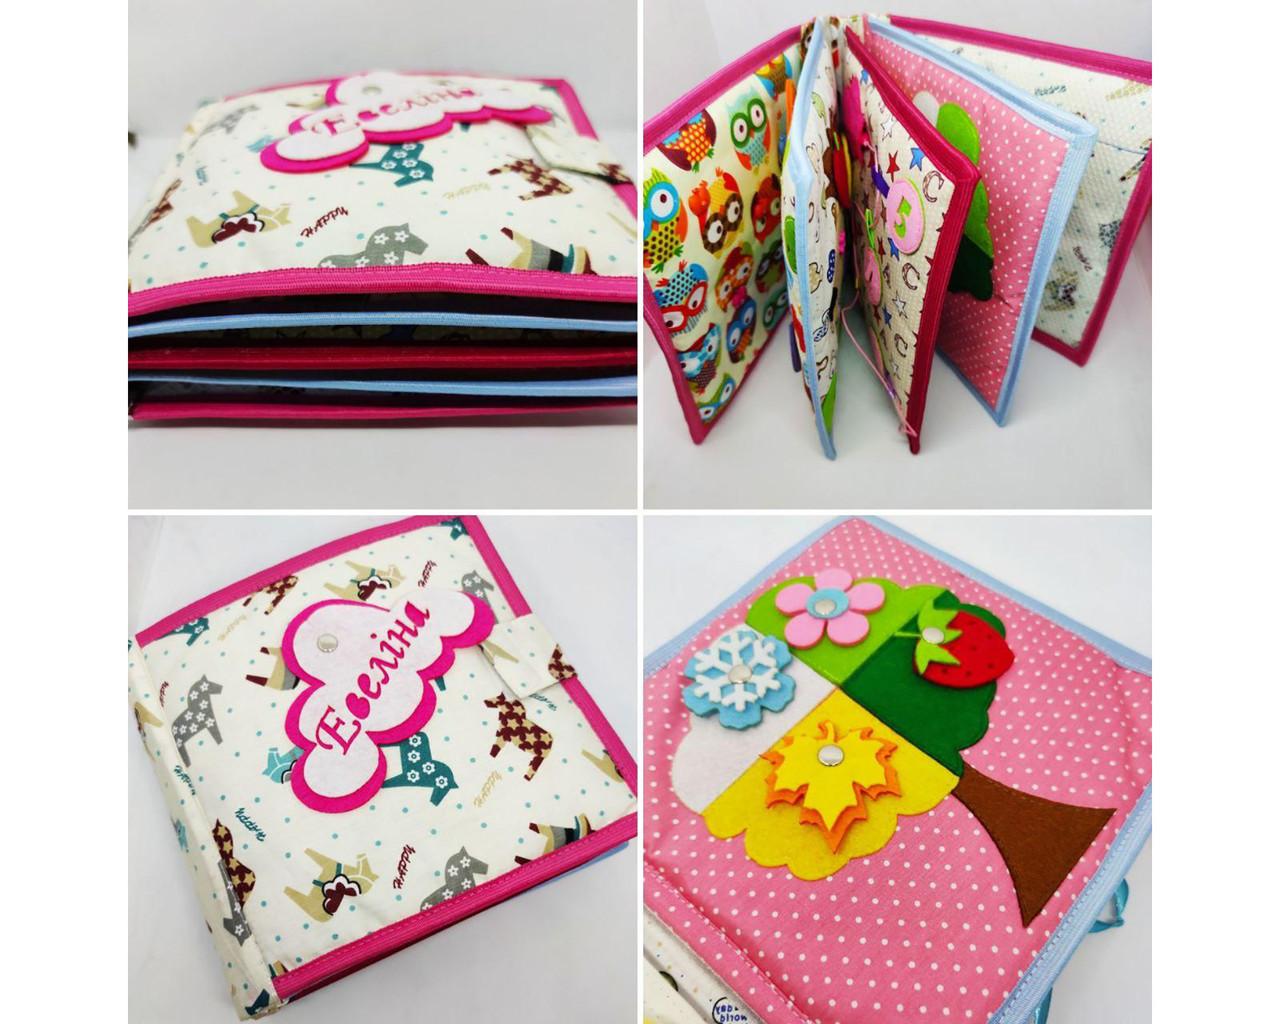 Развивающая Mягкая Книжка из Фетра, Мягкая текстильная книжка handmade (RB01038)